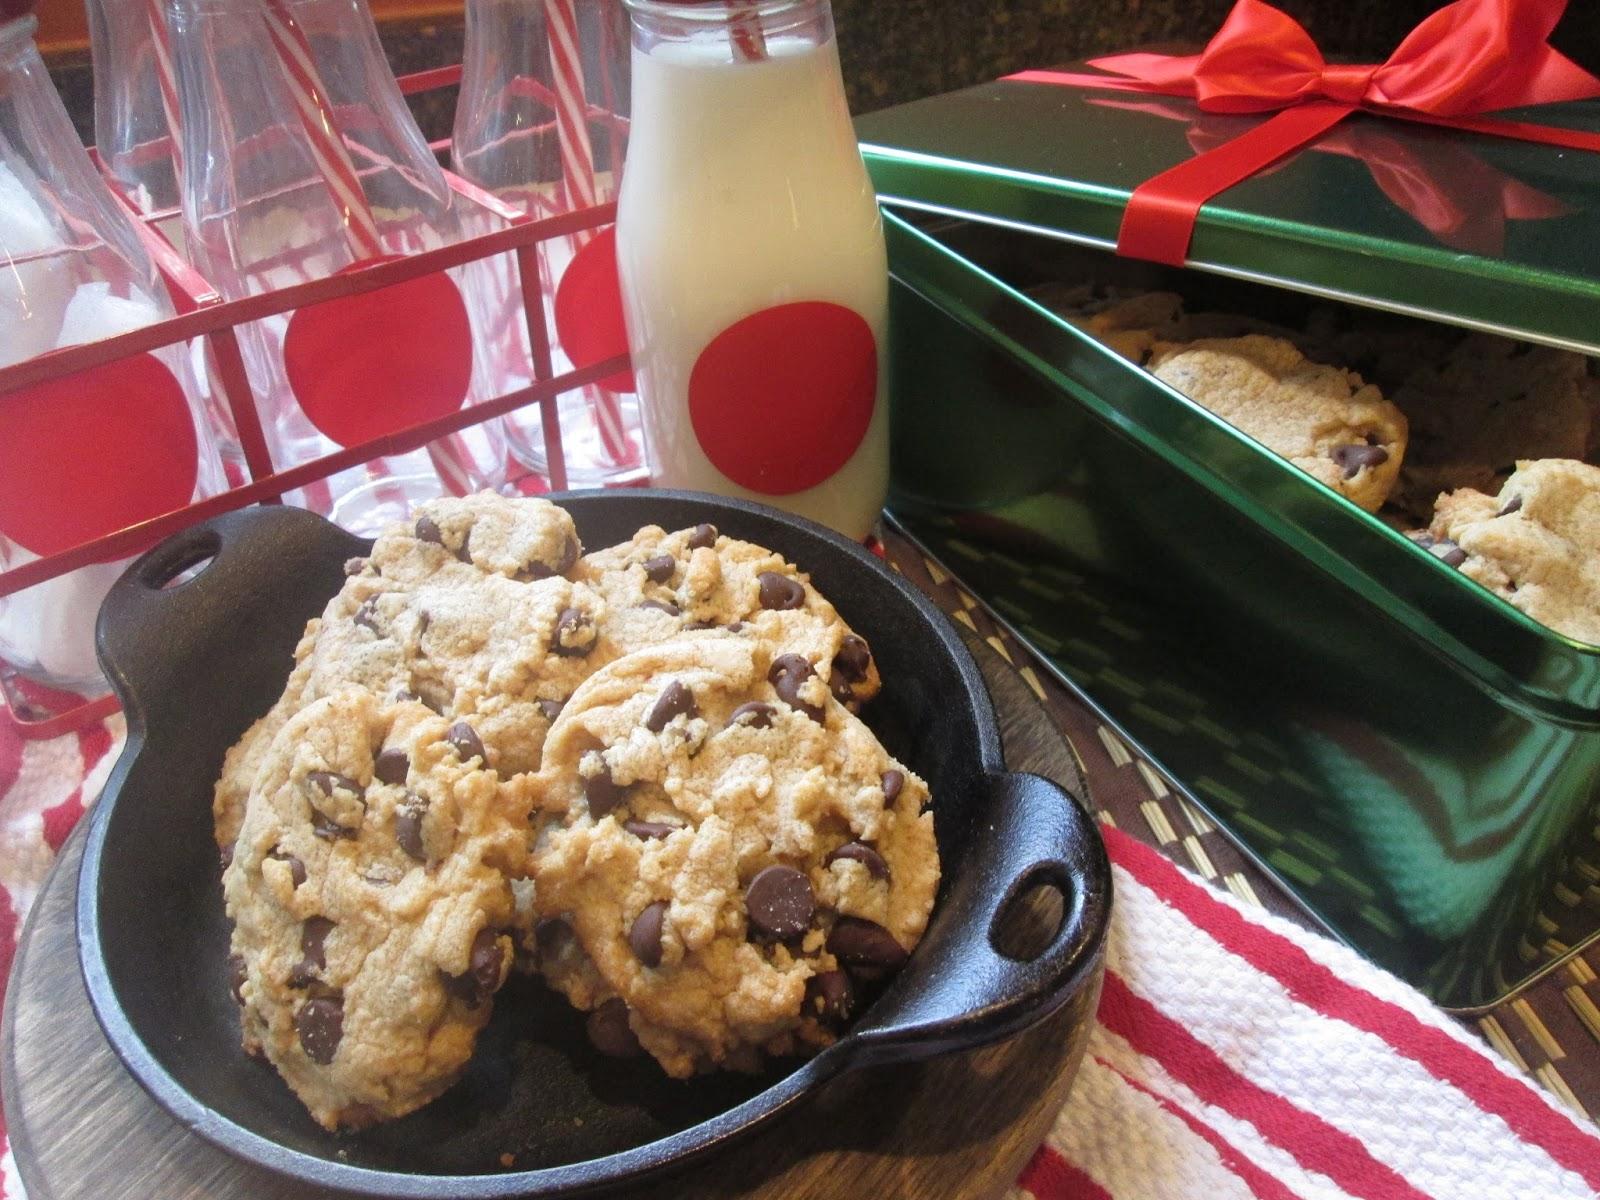 Ina Garten Chocolate Chip Cookies - House Cookies